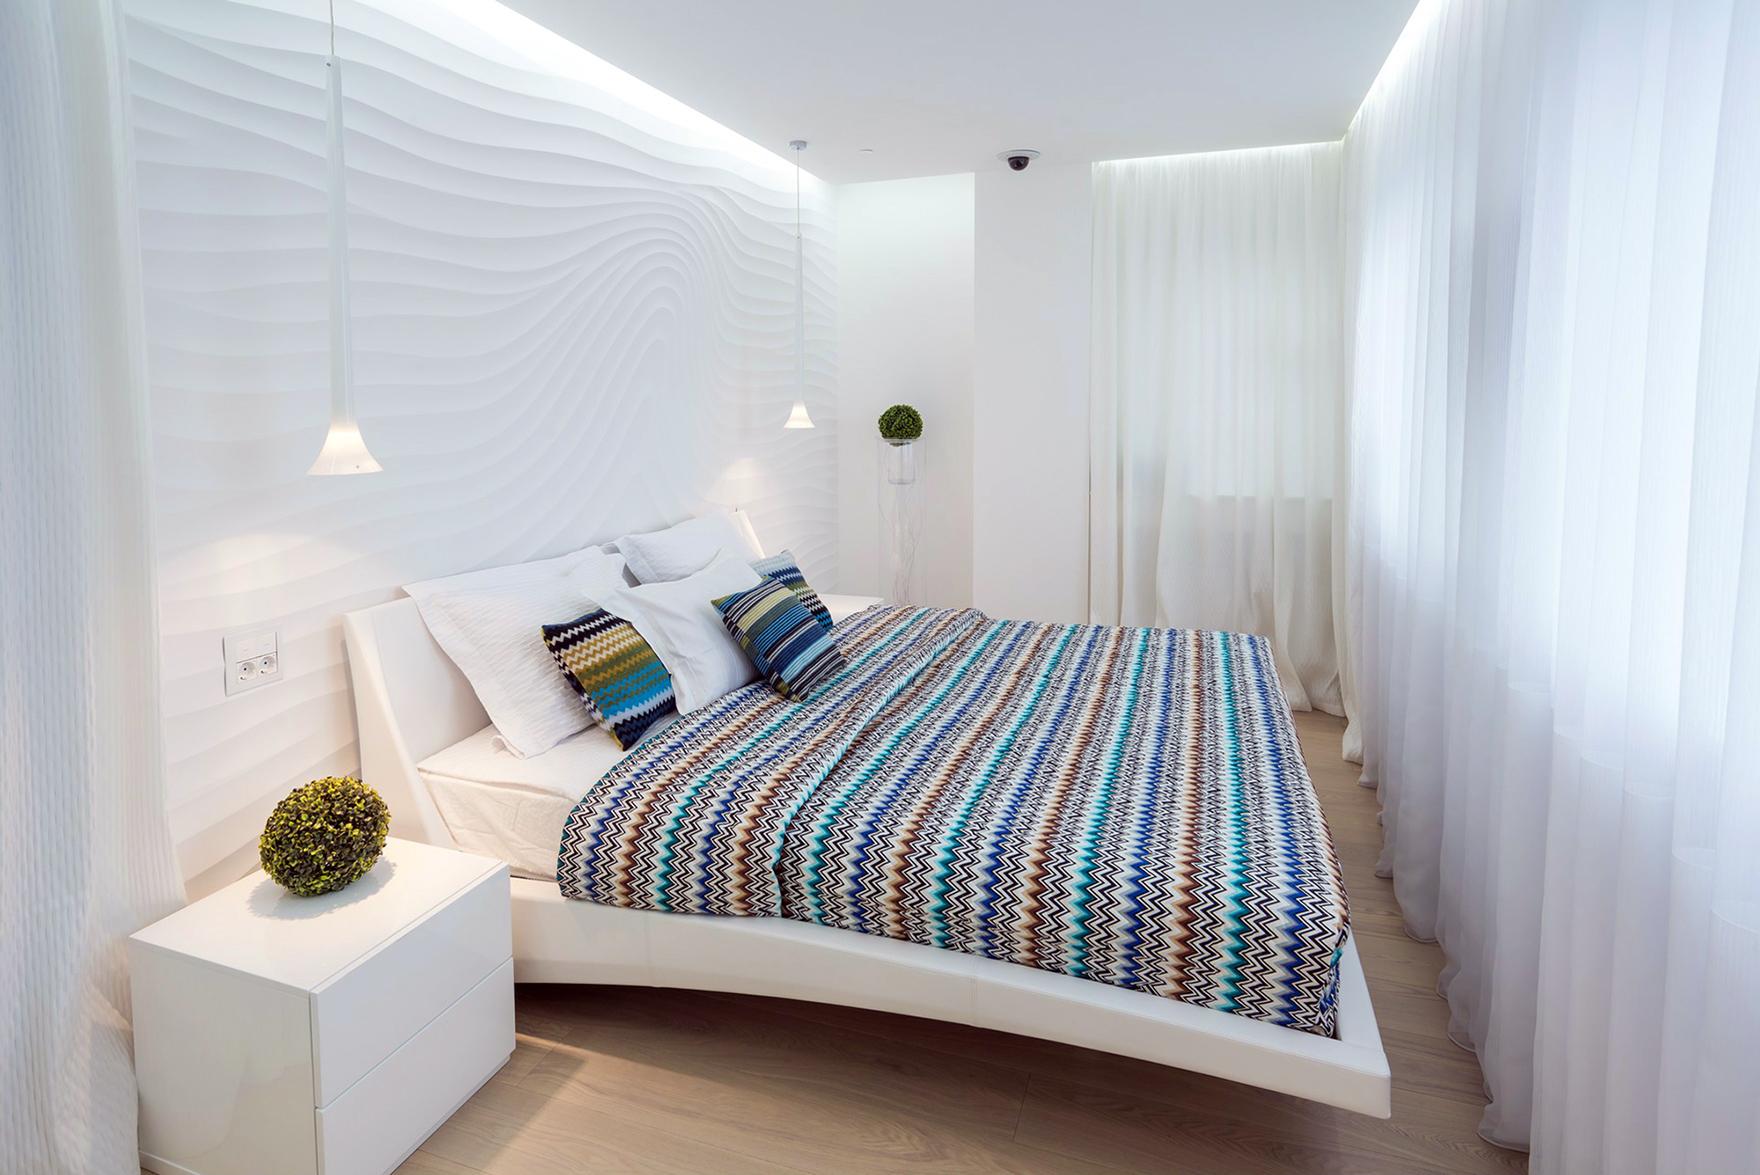 Фото трехкомнатной квартиры в светлых тонах